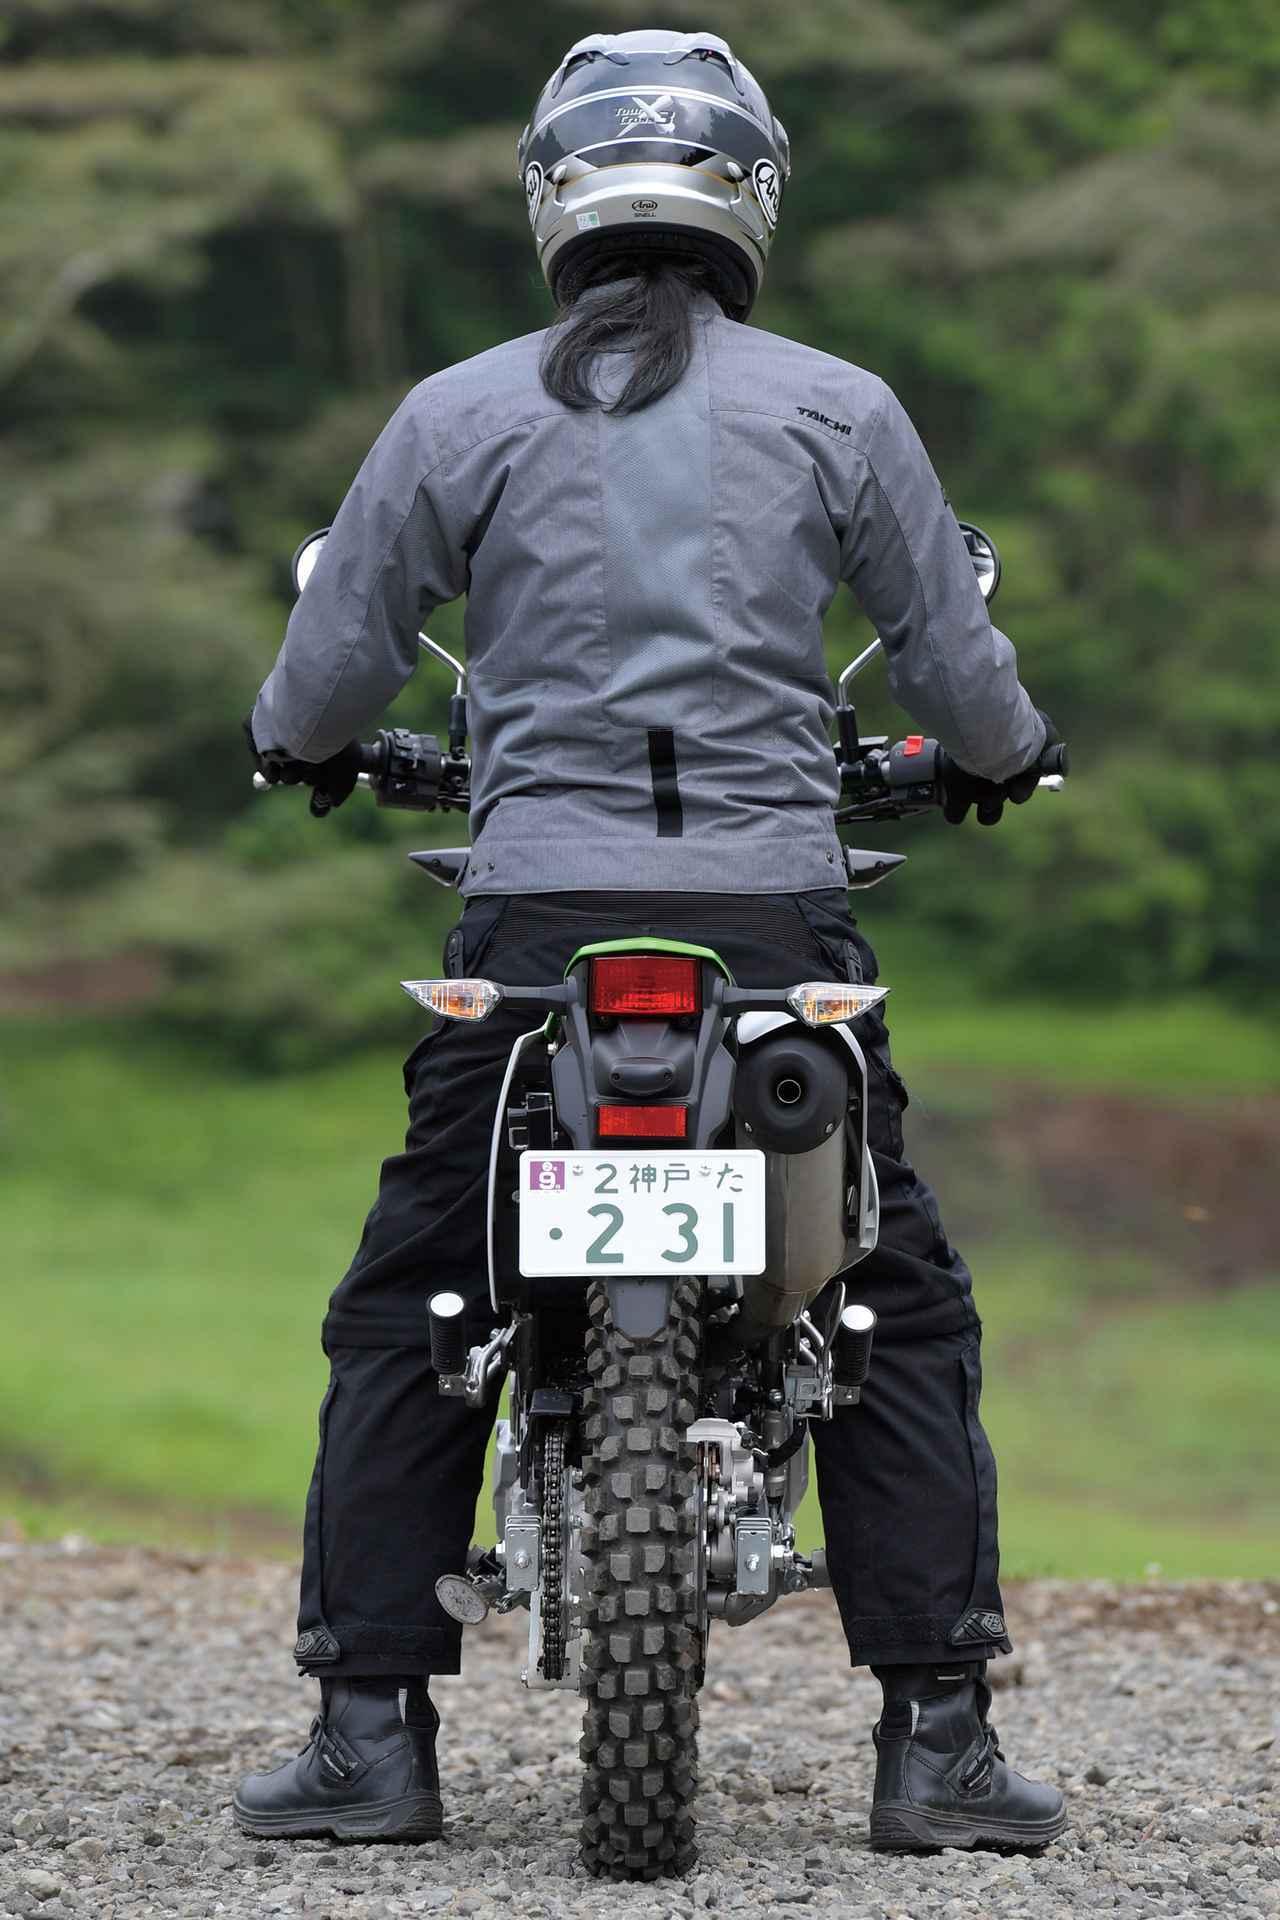 画像10: 250ccアドベンチャー&オフロードバイクを徹底比較|ホンダ・スズキ・カワサキの計5機種を比べてみた(2021年)